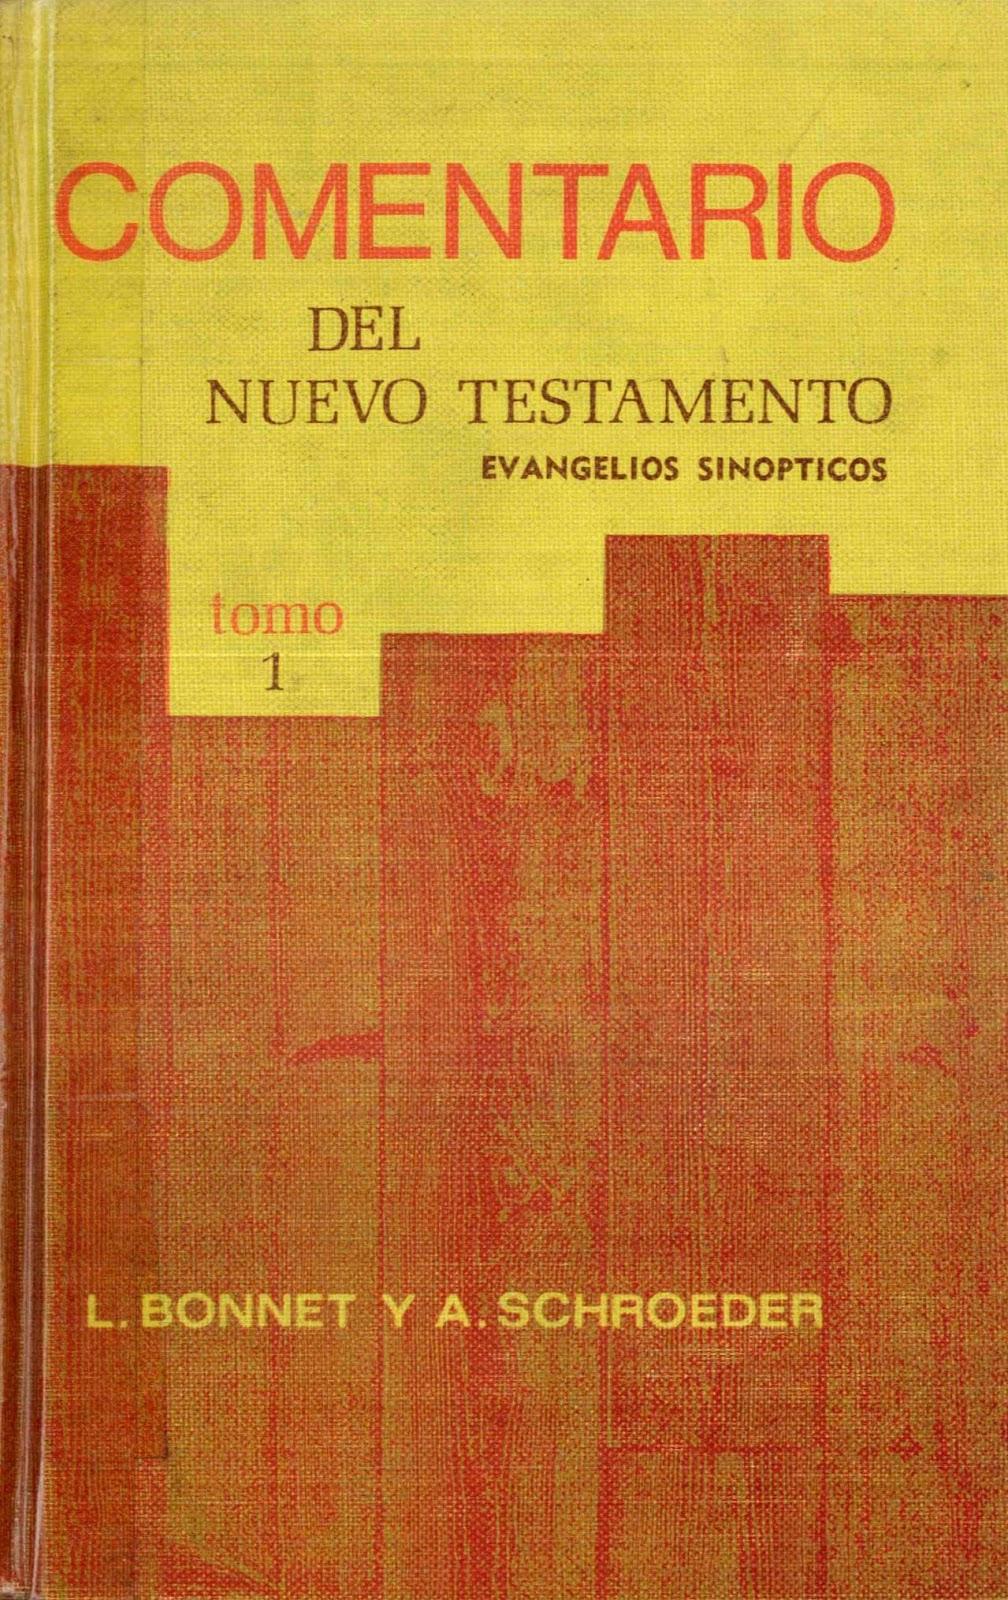 L. Bonnet y A. Schroeder-Comentario Del Nuevo Testamento-Tomo 1-Evangelios Sinópticos-